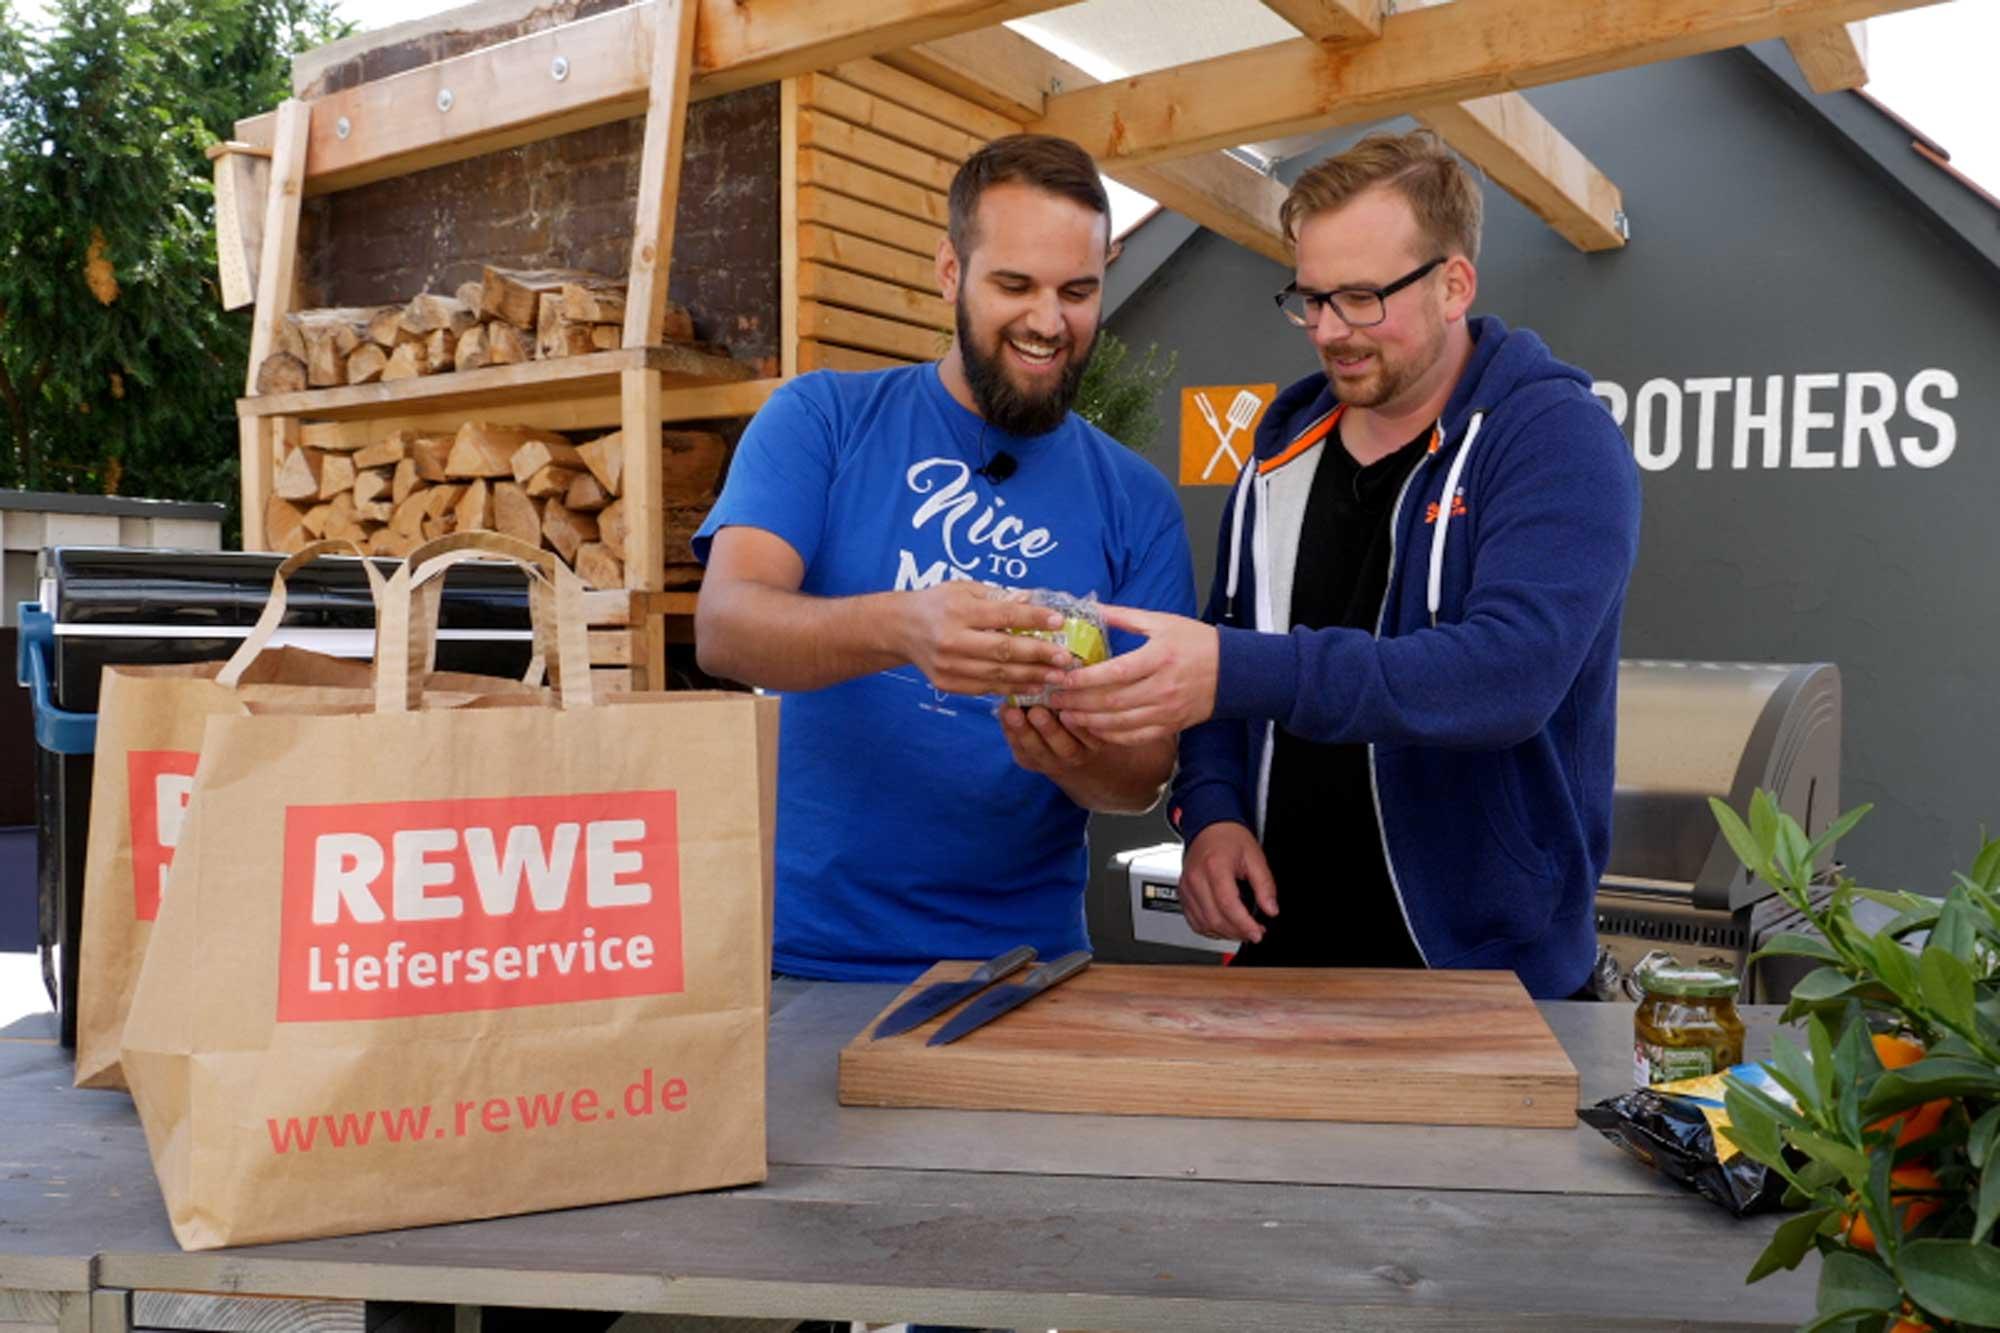 Gut verpackt kommen die Lebensmittel vom REWE Paket- und Lieferservice an